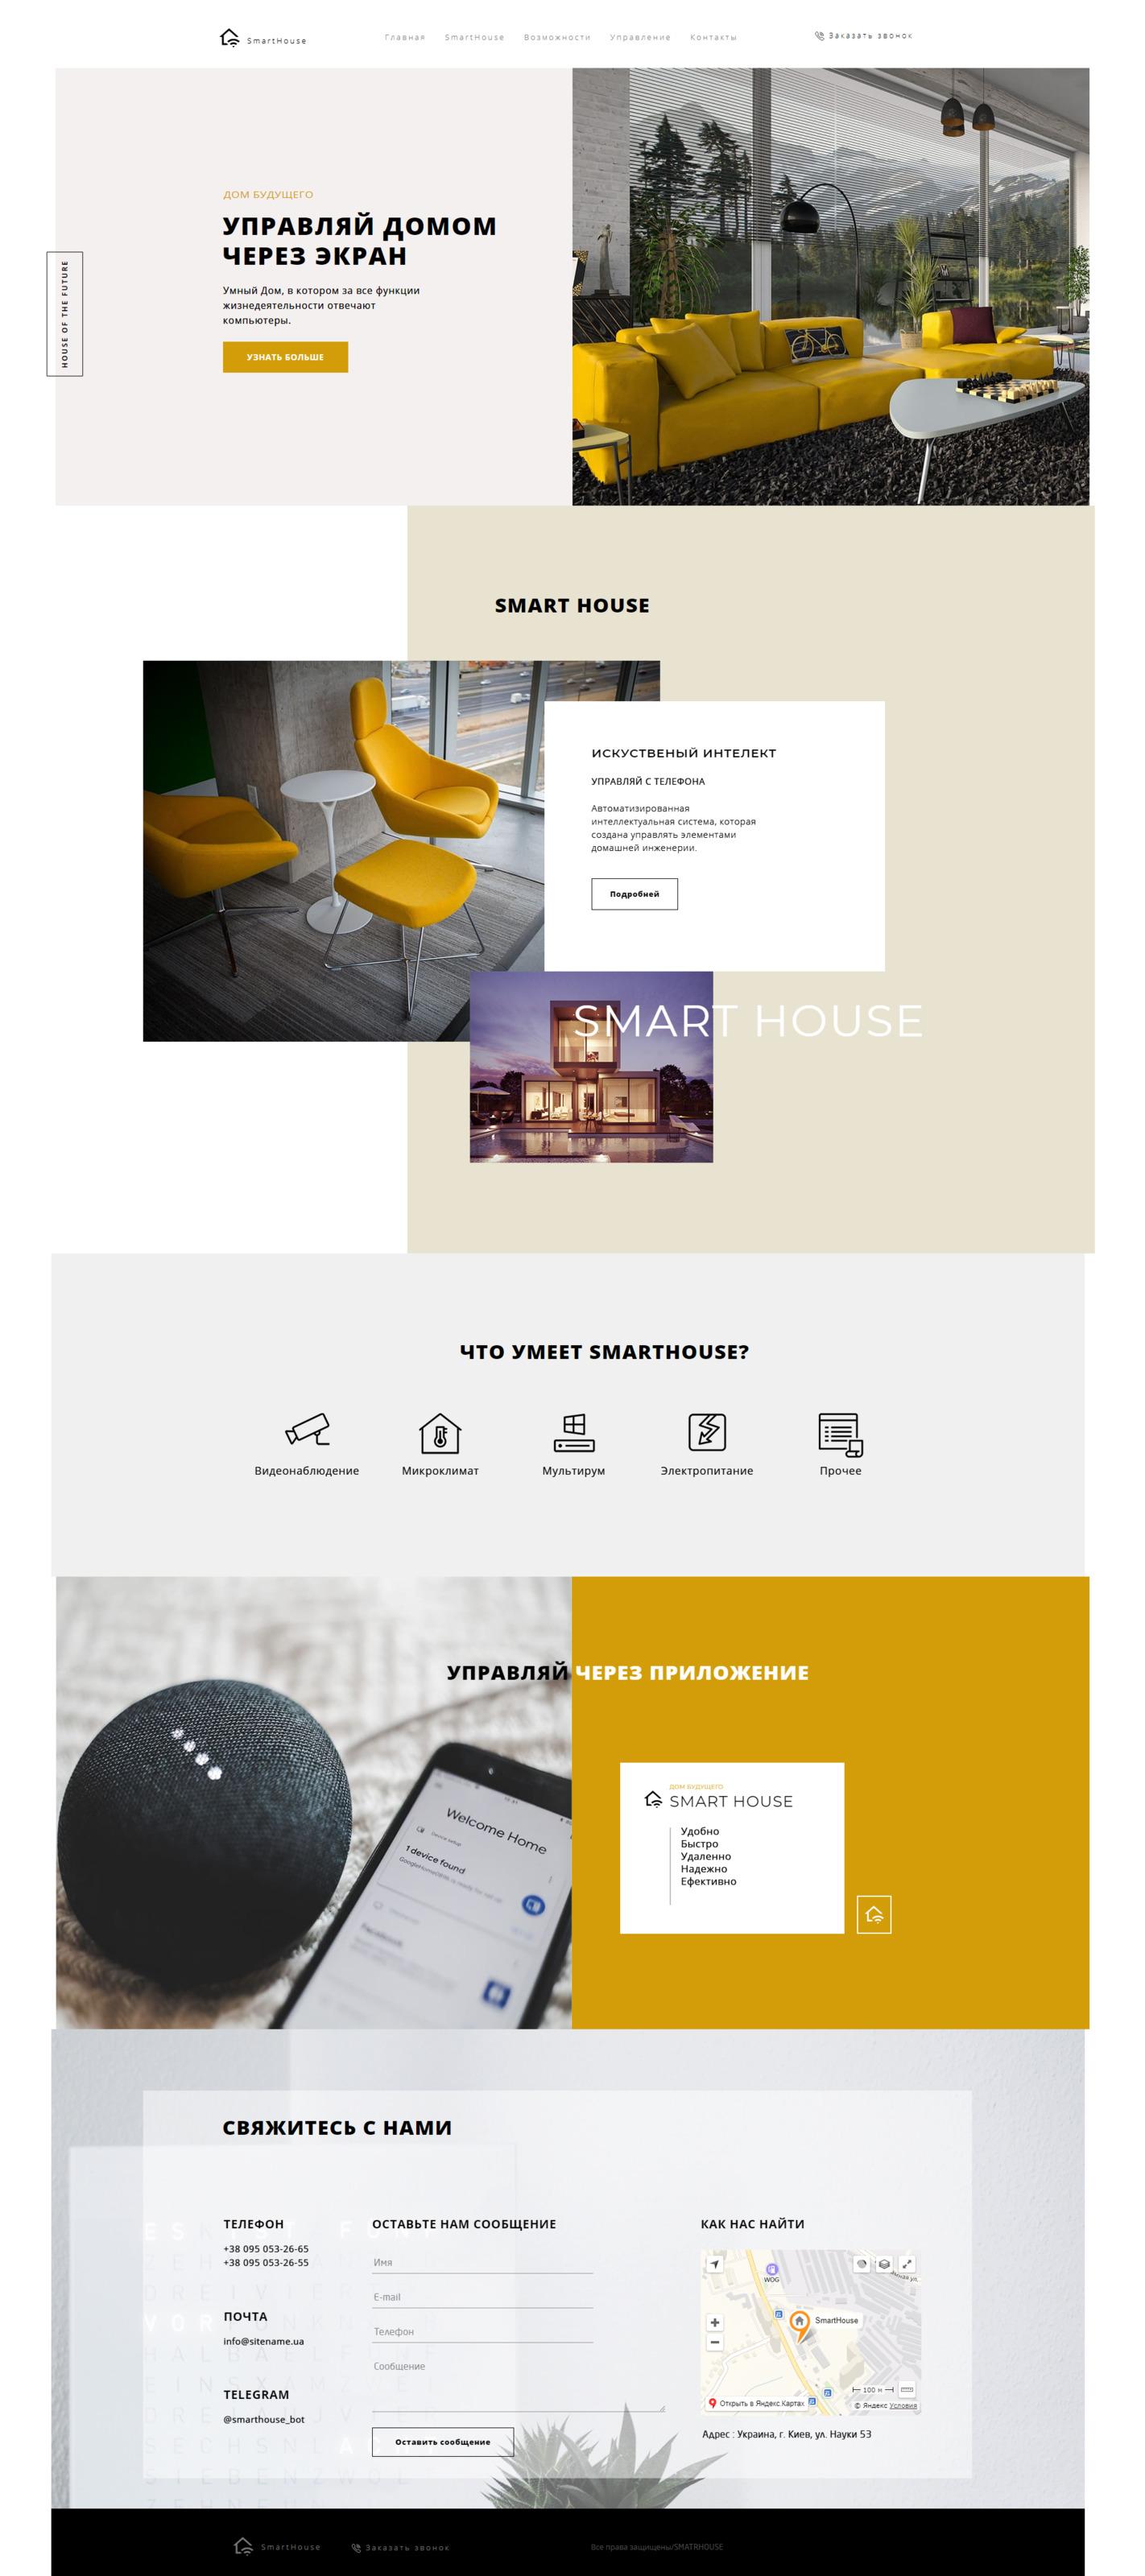 Вёрстка учебного дизайн-макета - Smarthouse